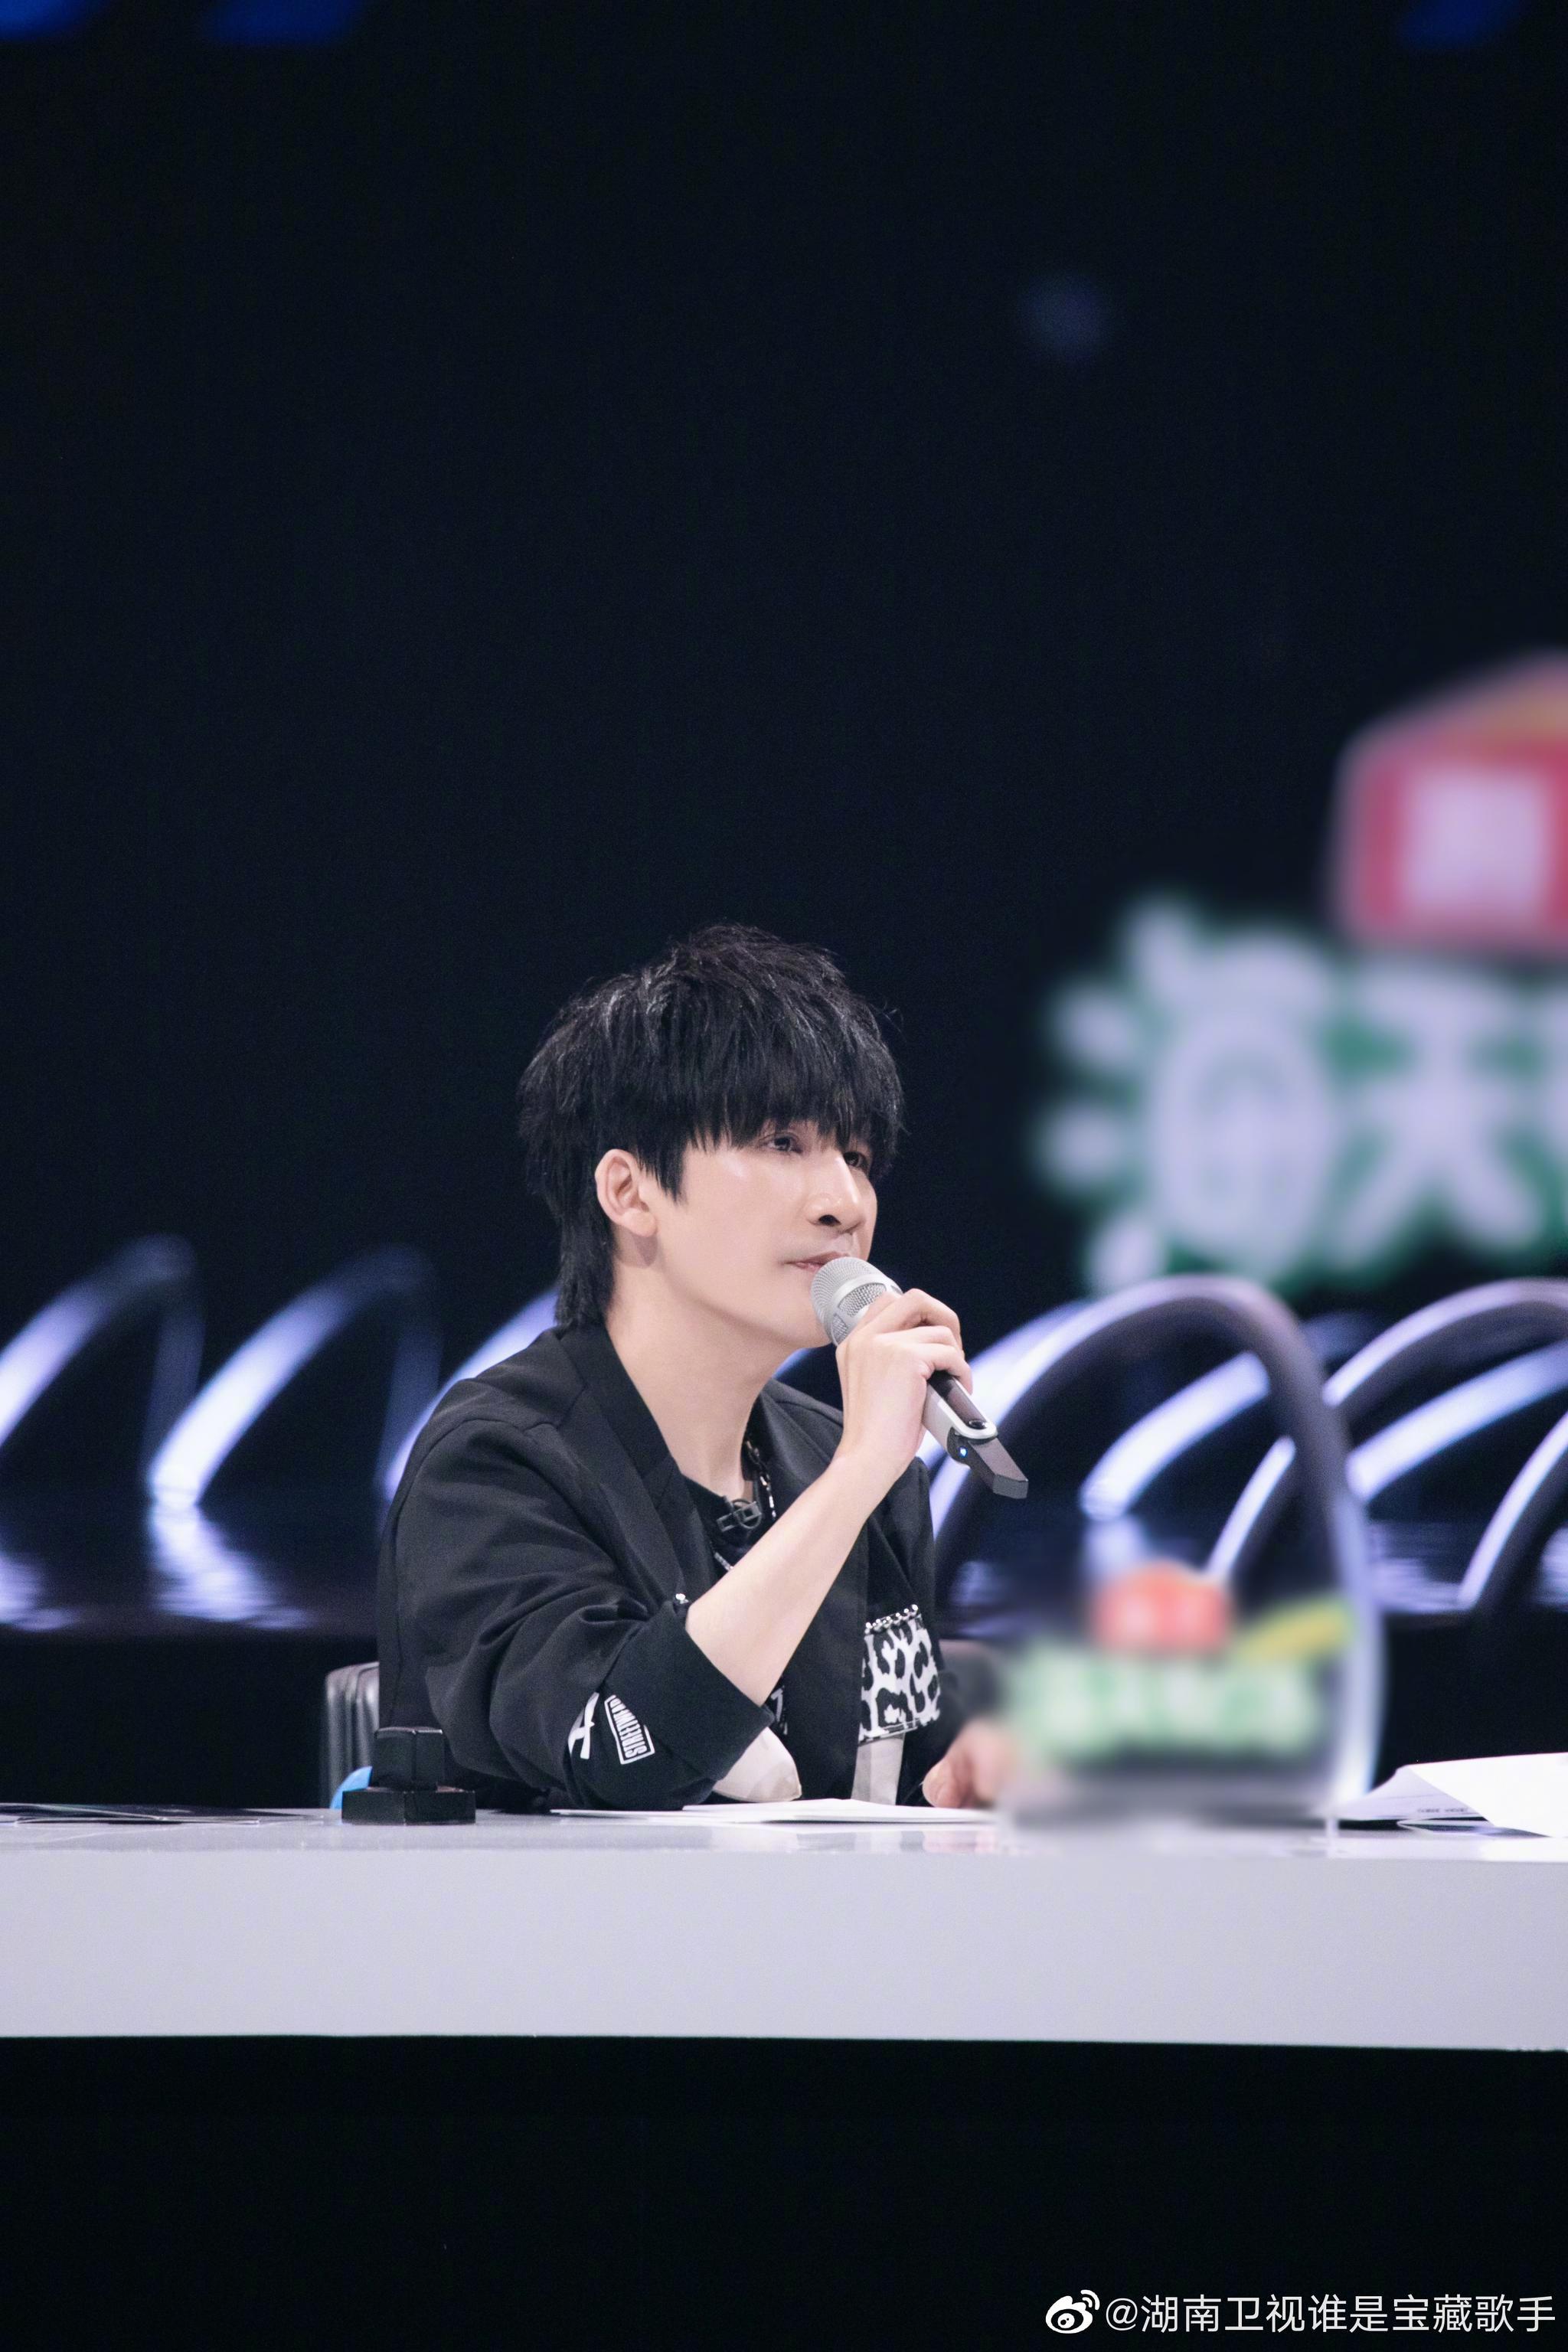 湖南卫视 谁是宝藏歌手 EP03剧照继续放送……